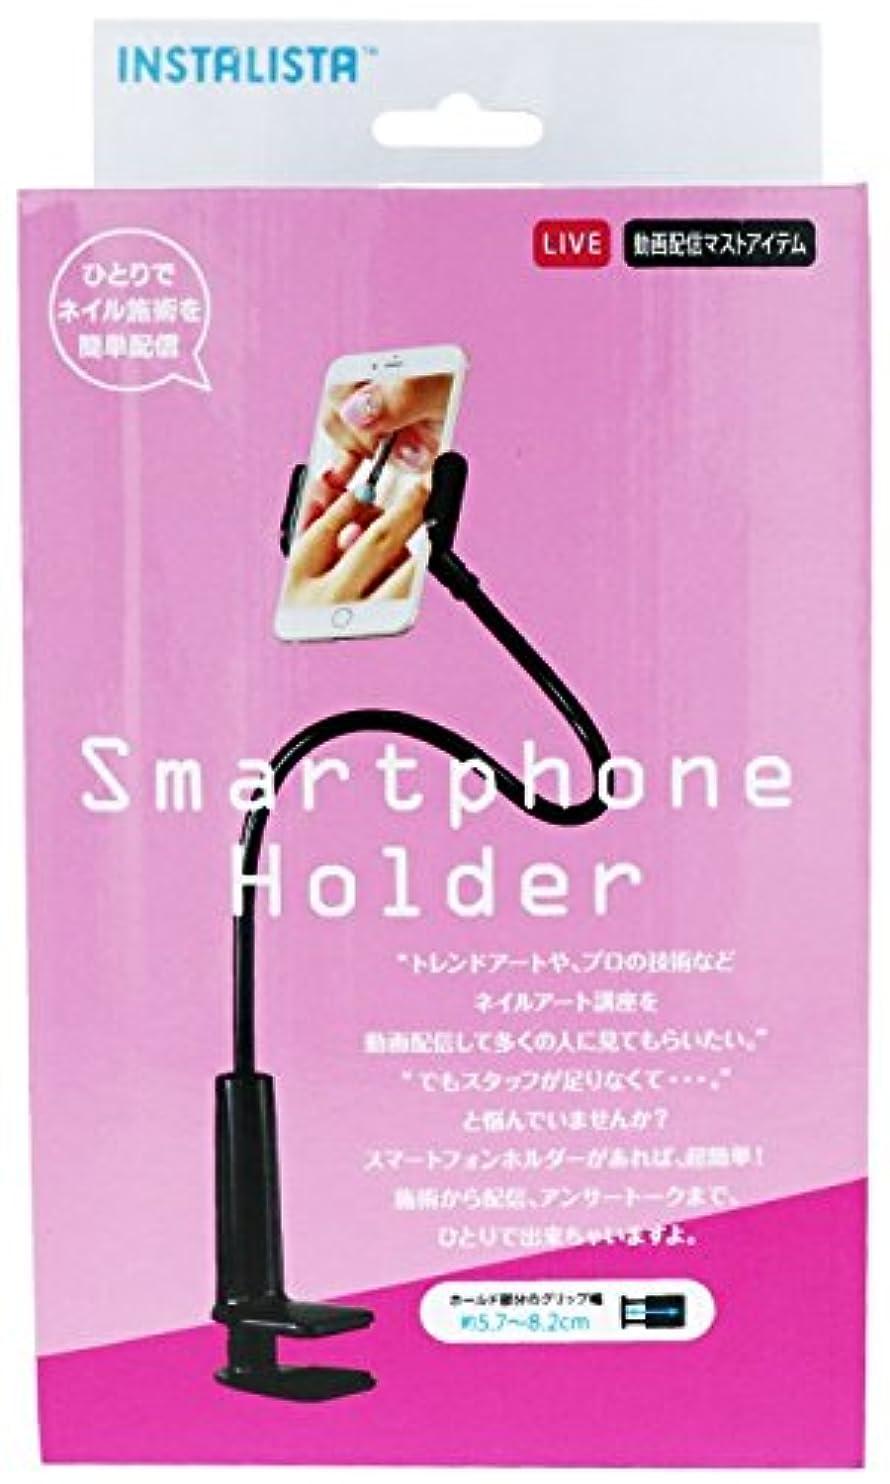 長いですシダ赤外線ビューティーネイラー スマートフォン ホルダー INS-002